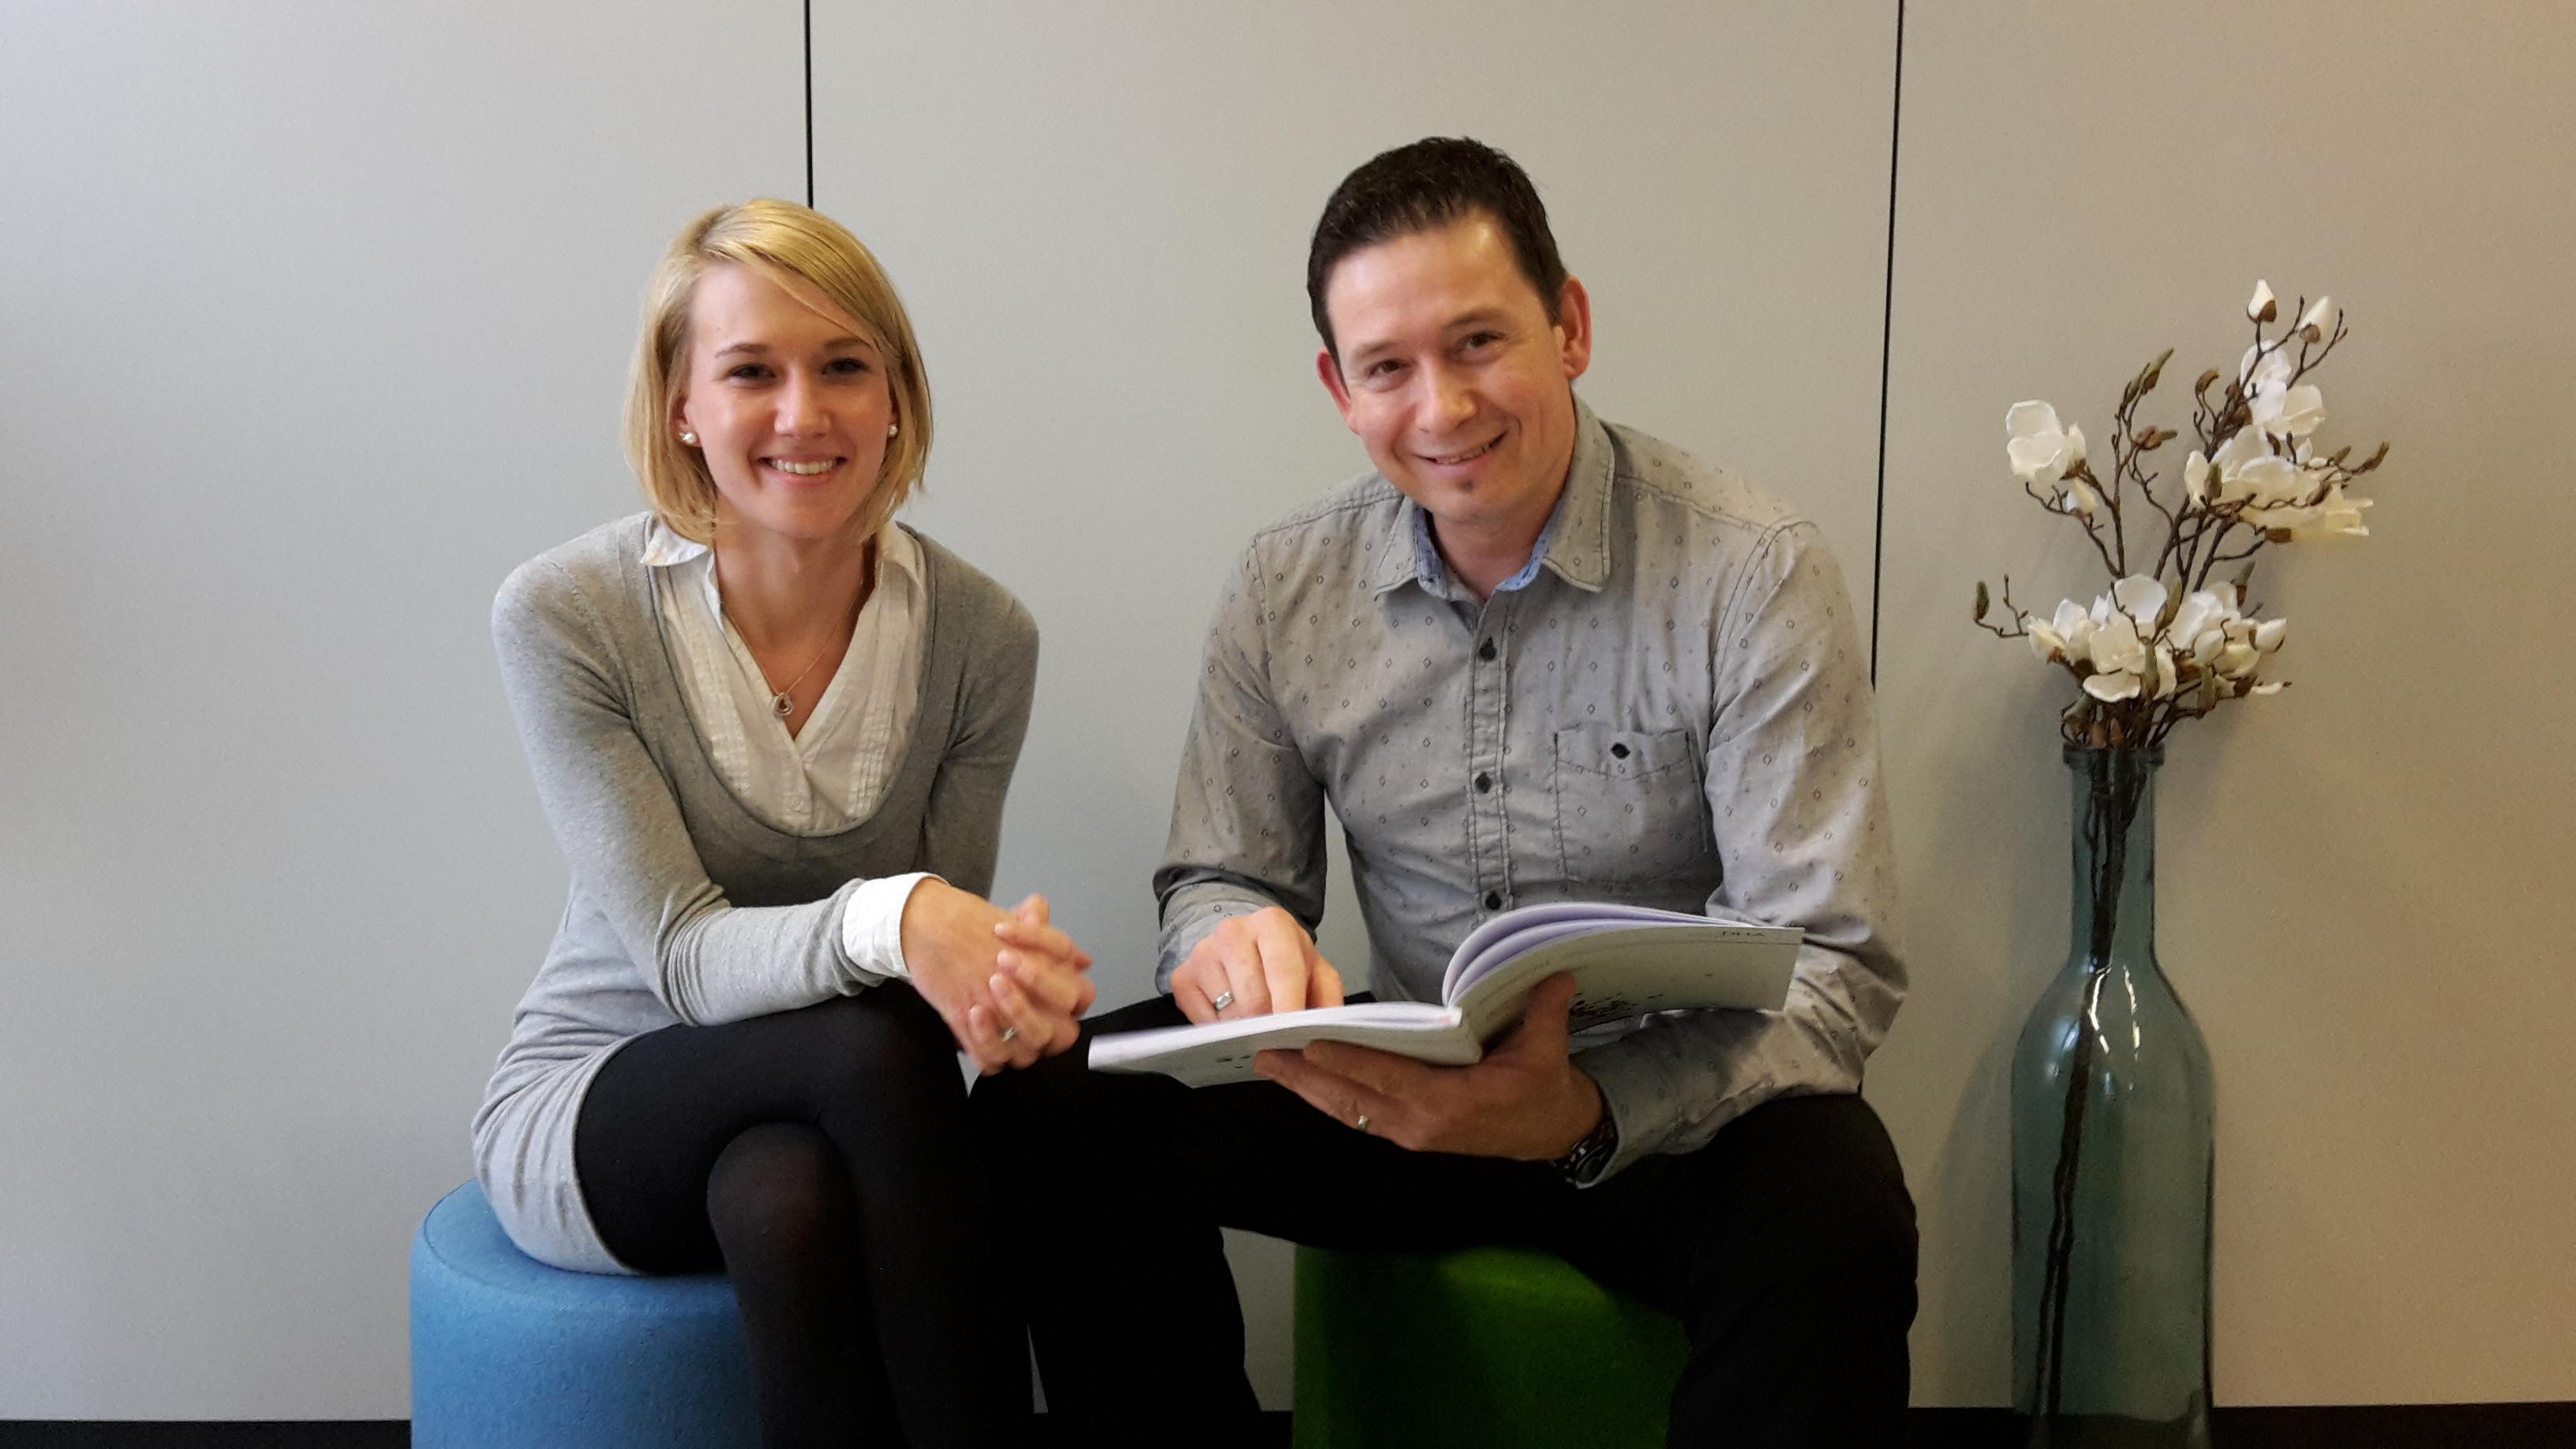 Gemeinsam an der DHA studieren? Lena & Jörg Heitz machen gemeinsam ...